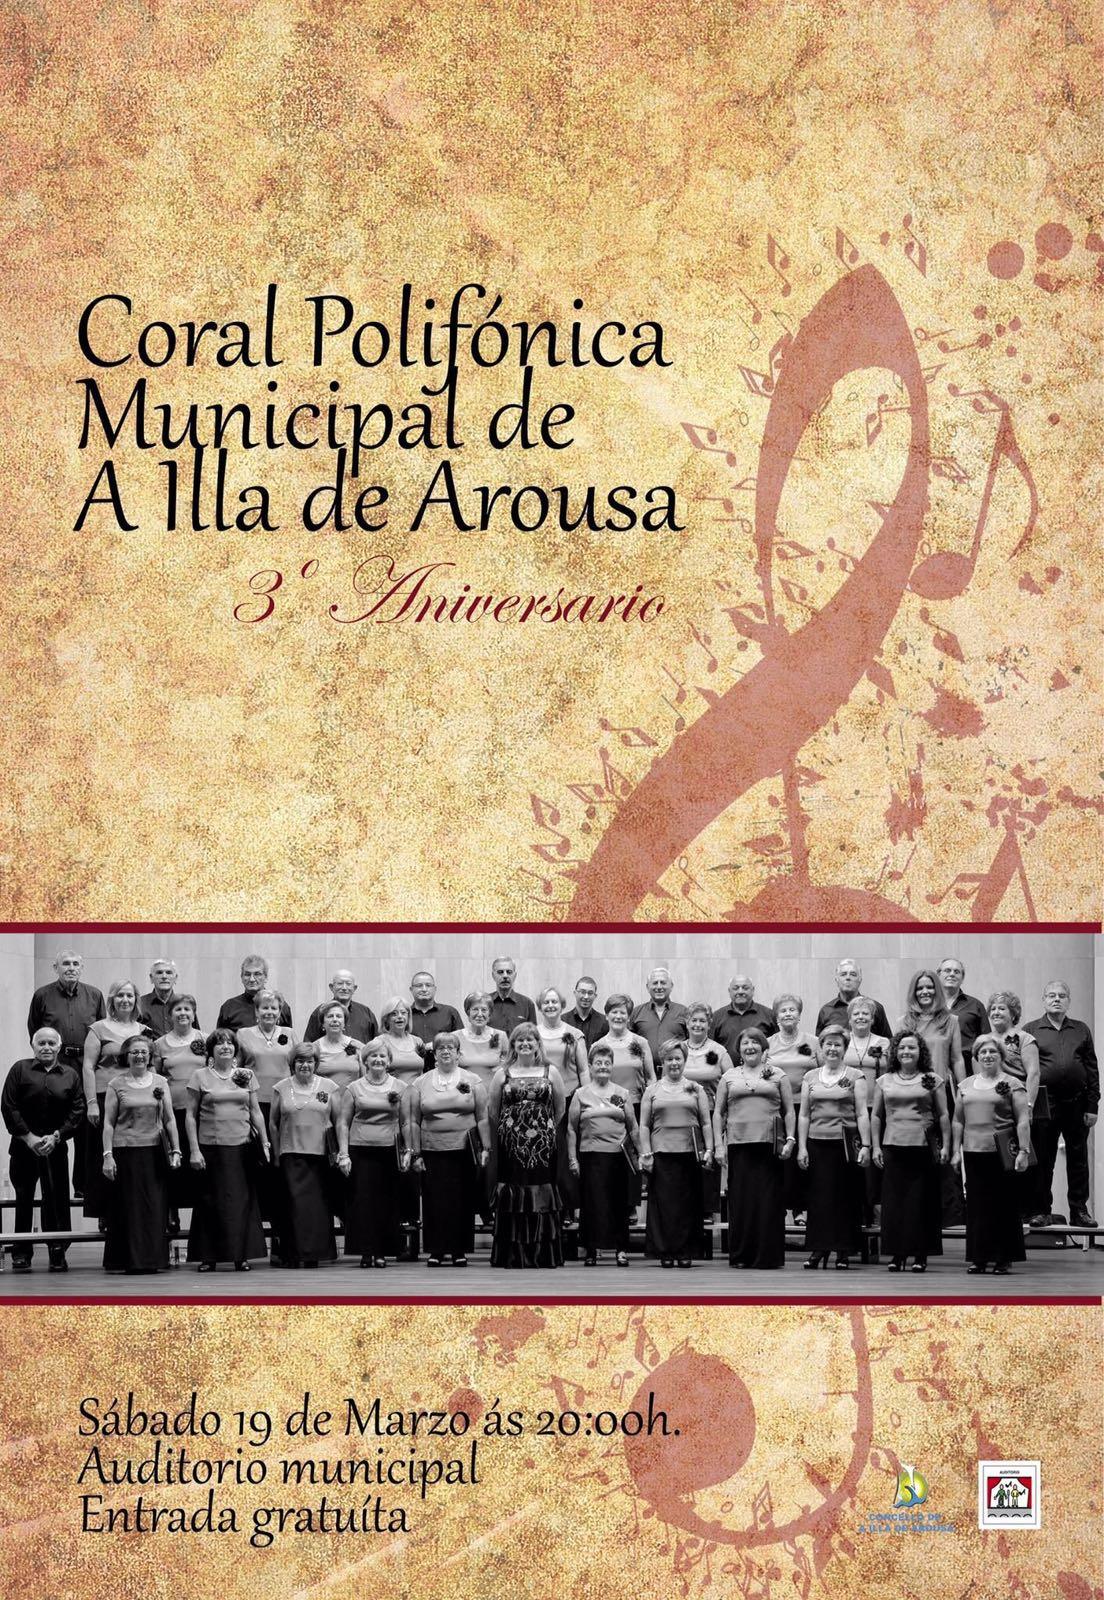 3º ANIVERSARIO DA CORAL POLIFÓNICA MUNICIPAL DE A ILLA DE AROUSA